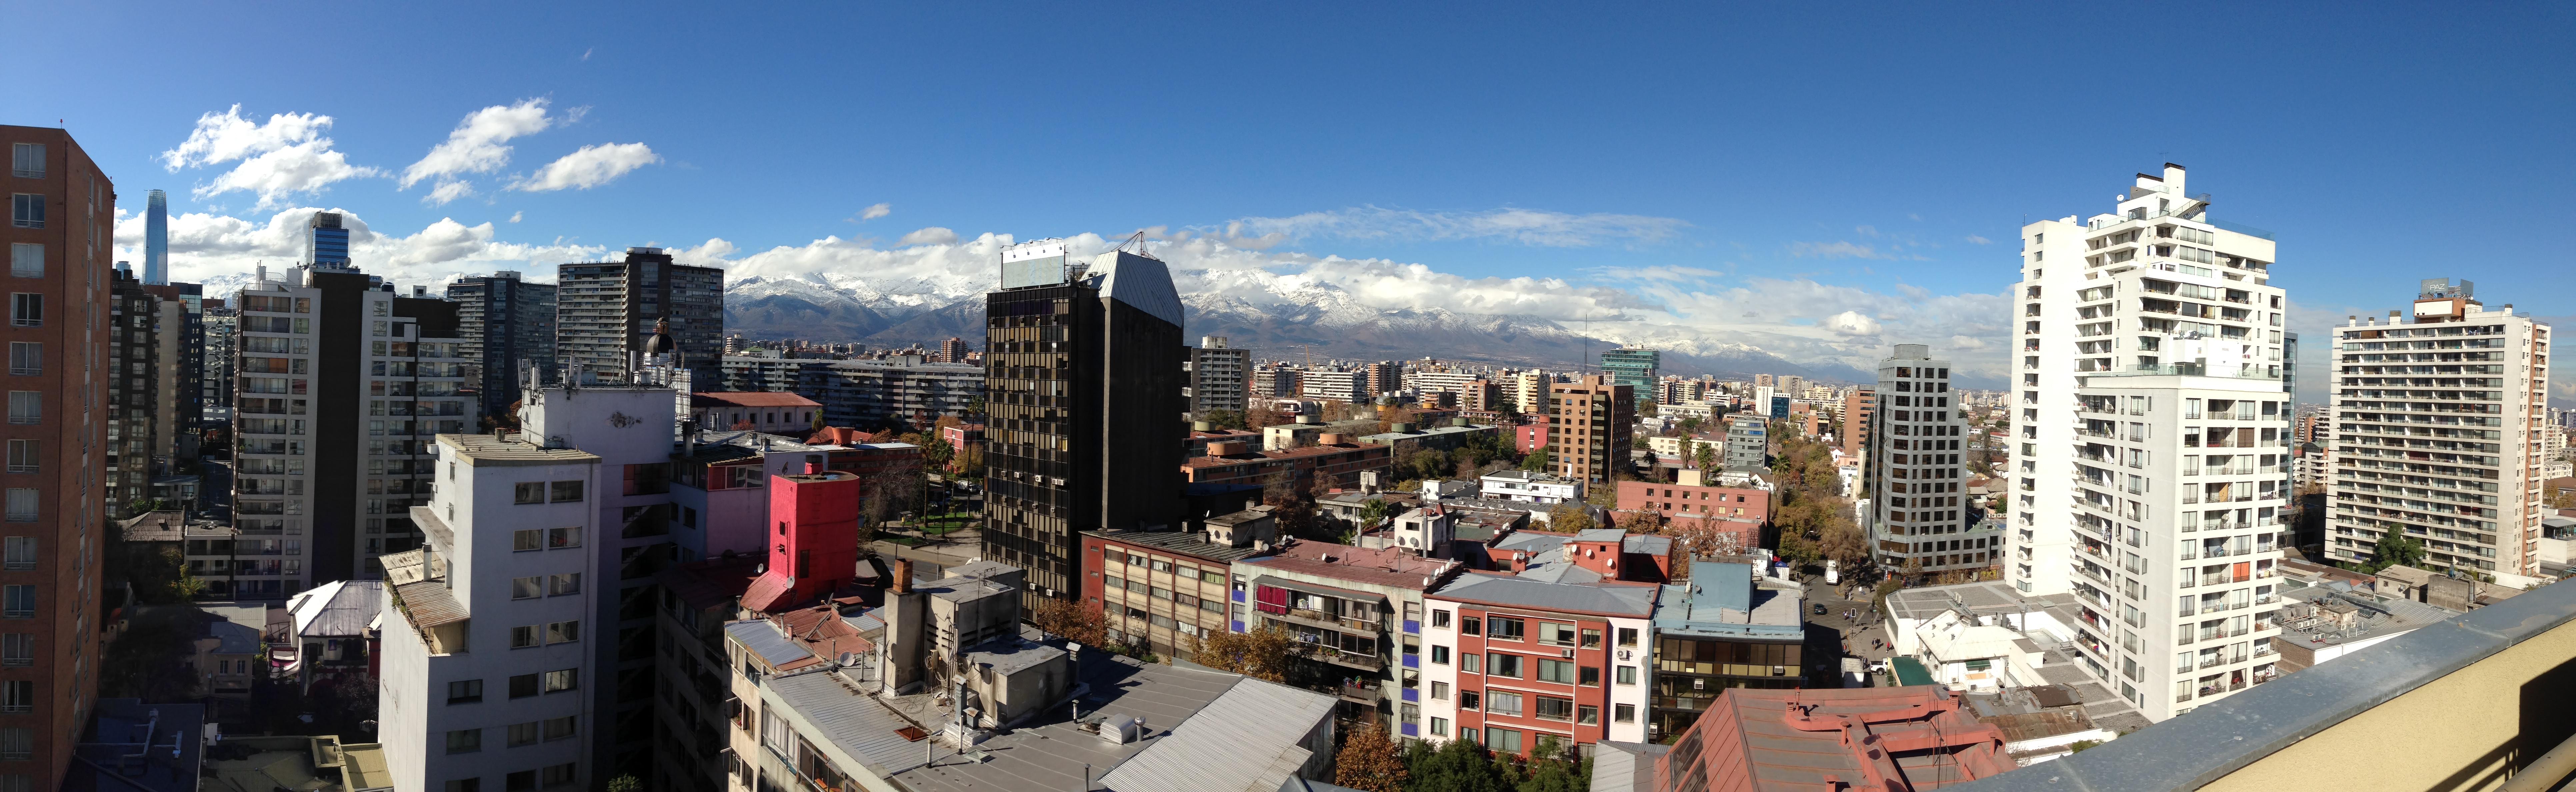 Vistas de Santiago de Chile